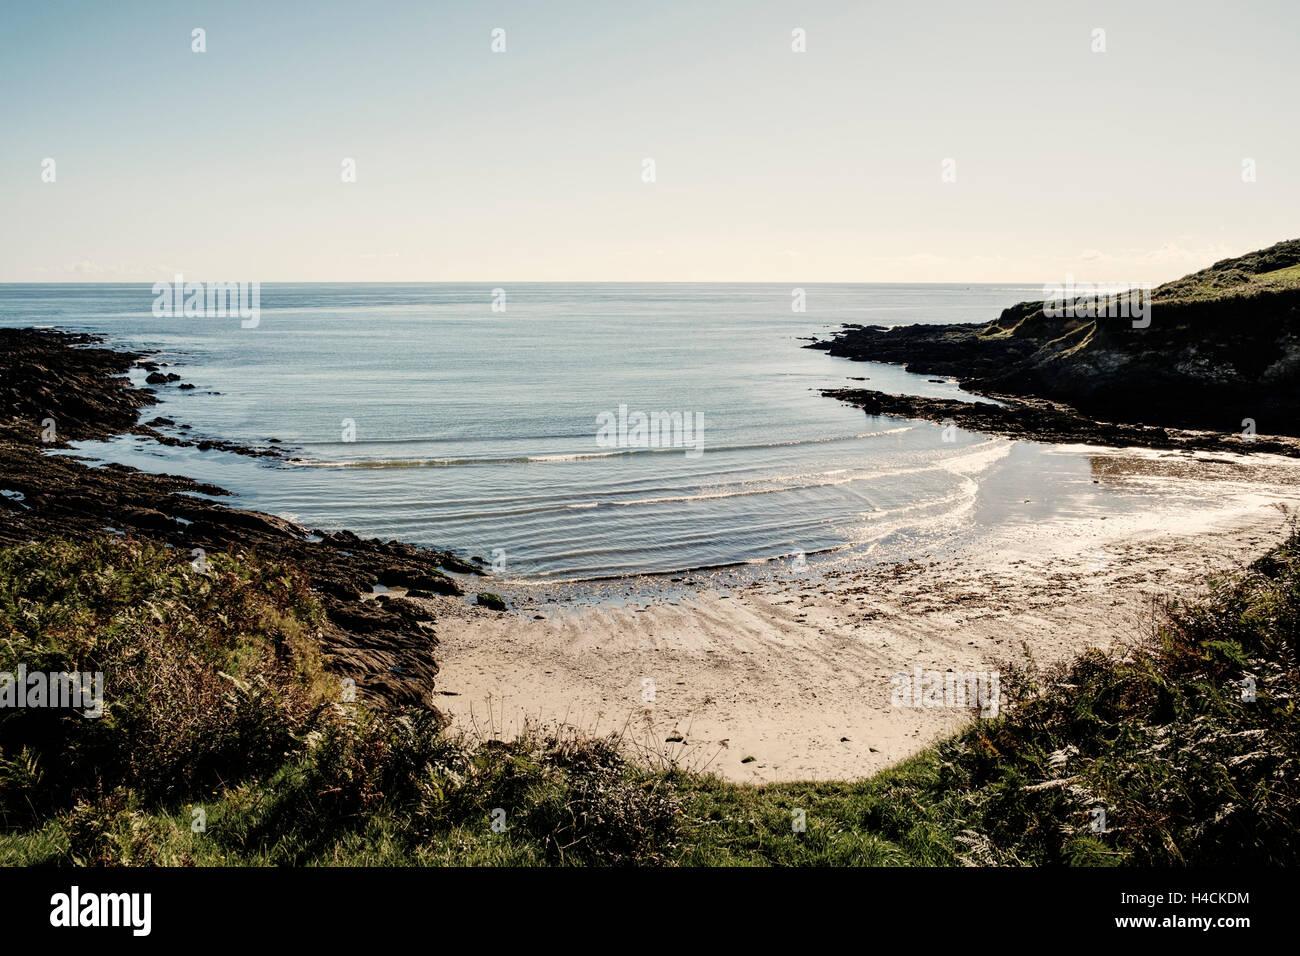 Strände Cornwalls - Sandstrand und Cove und ruhigen Meer, Cornwall, England, Großbritannien Stockbild